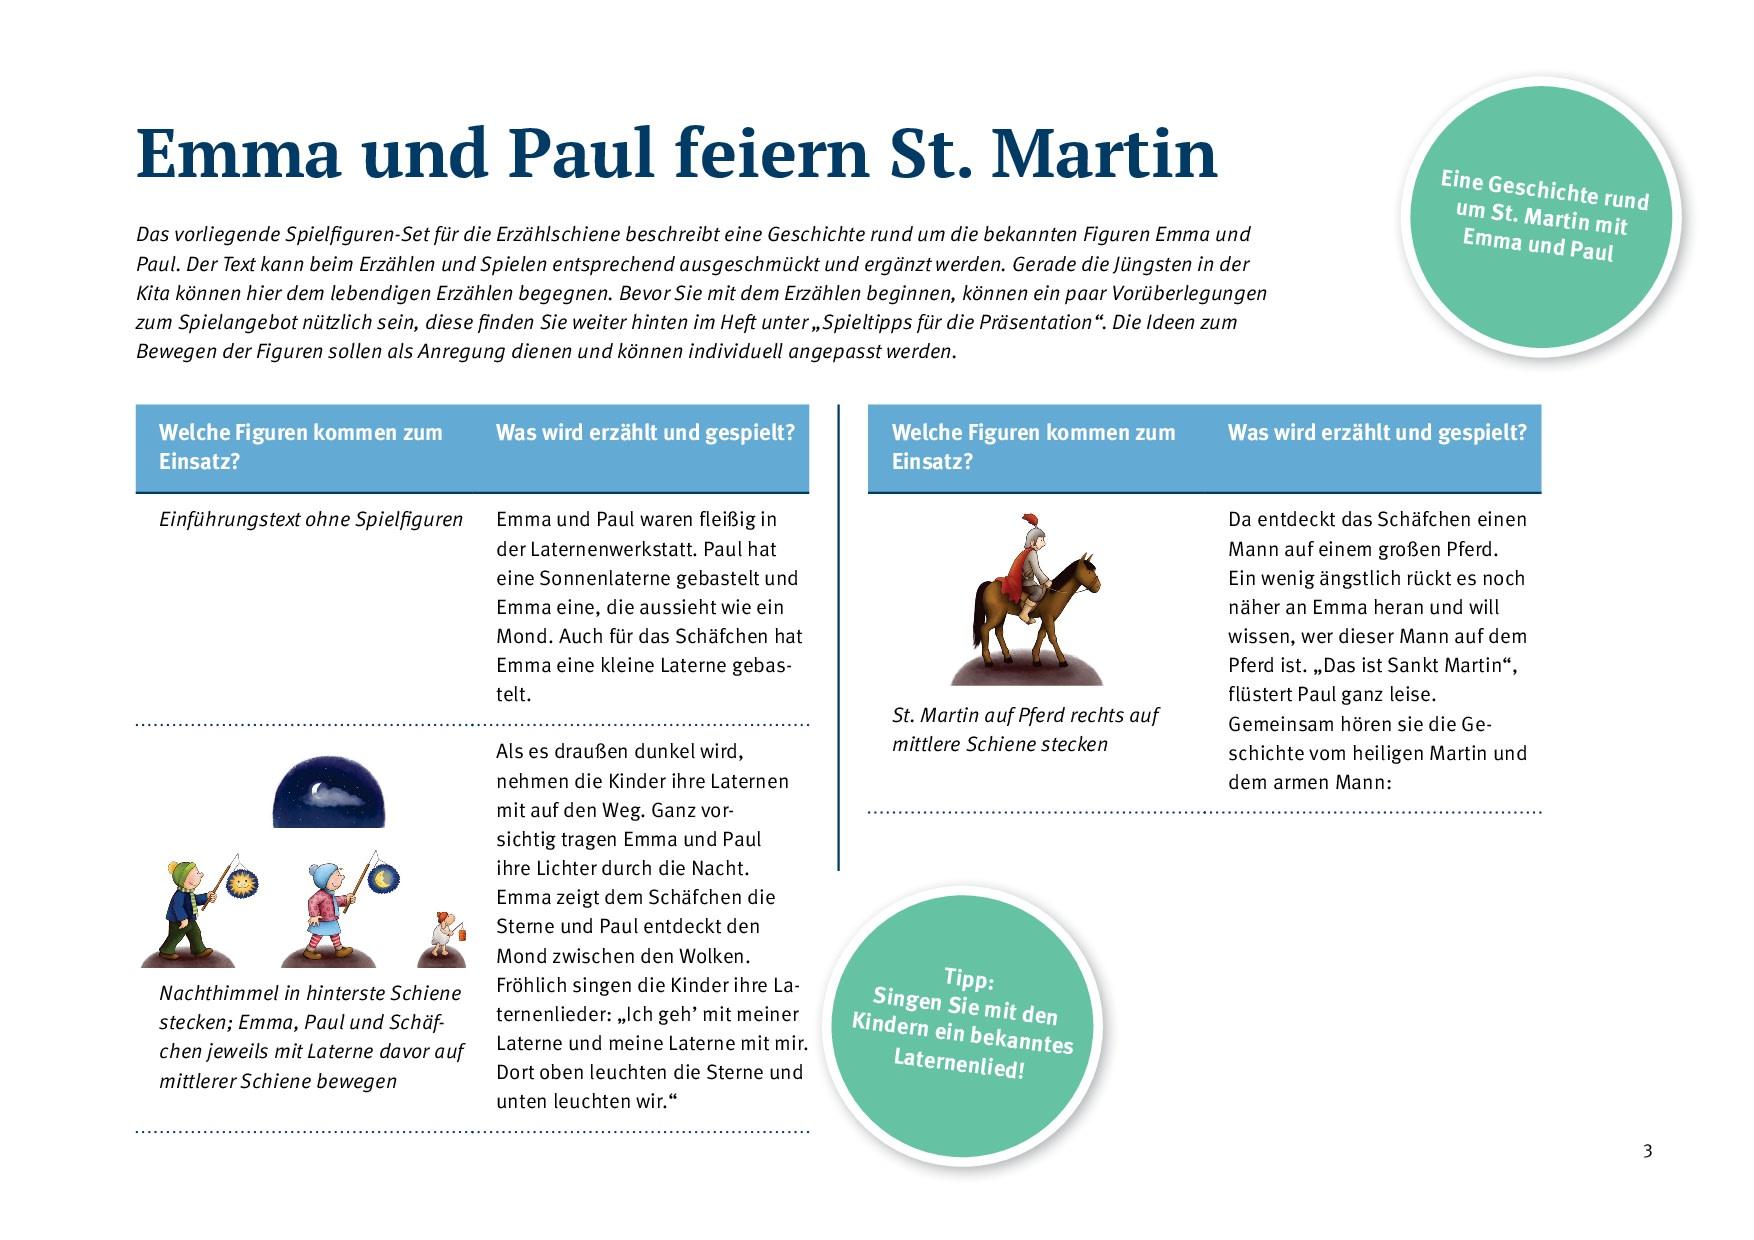 Innenansicht zu Emma und Paul feiern St. Martin.